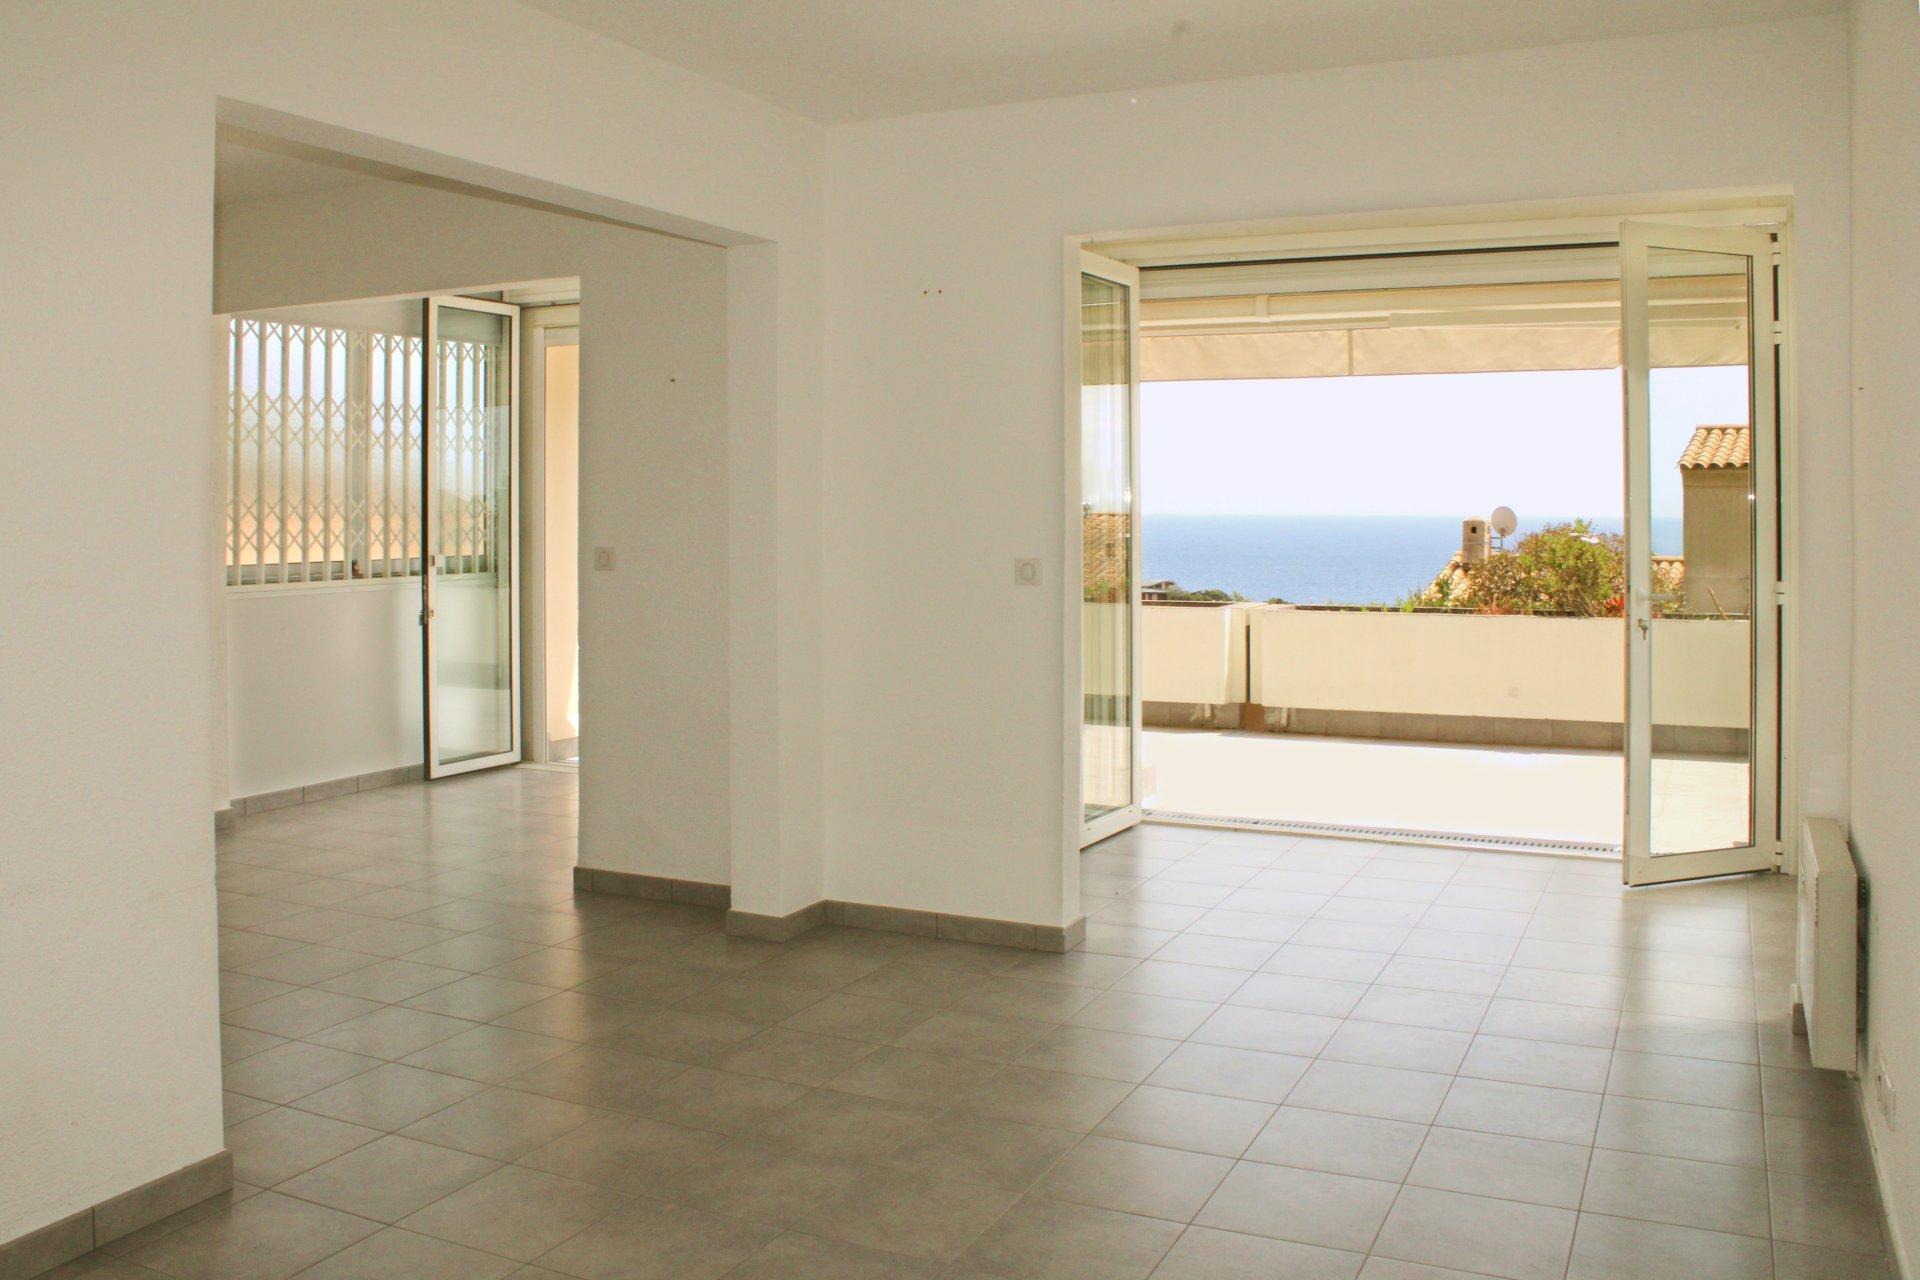 Begeisterung auf den ersten Blick für diese sehr schön renovierte 3-Zimmer Wohnung